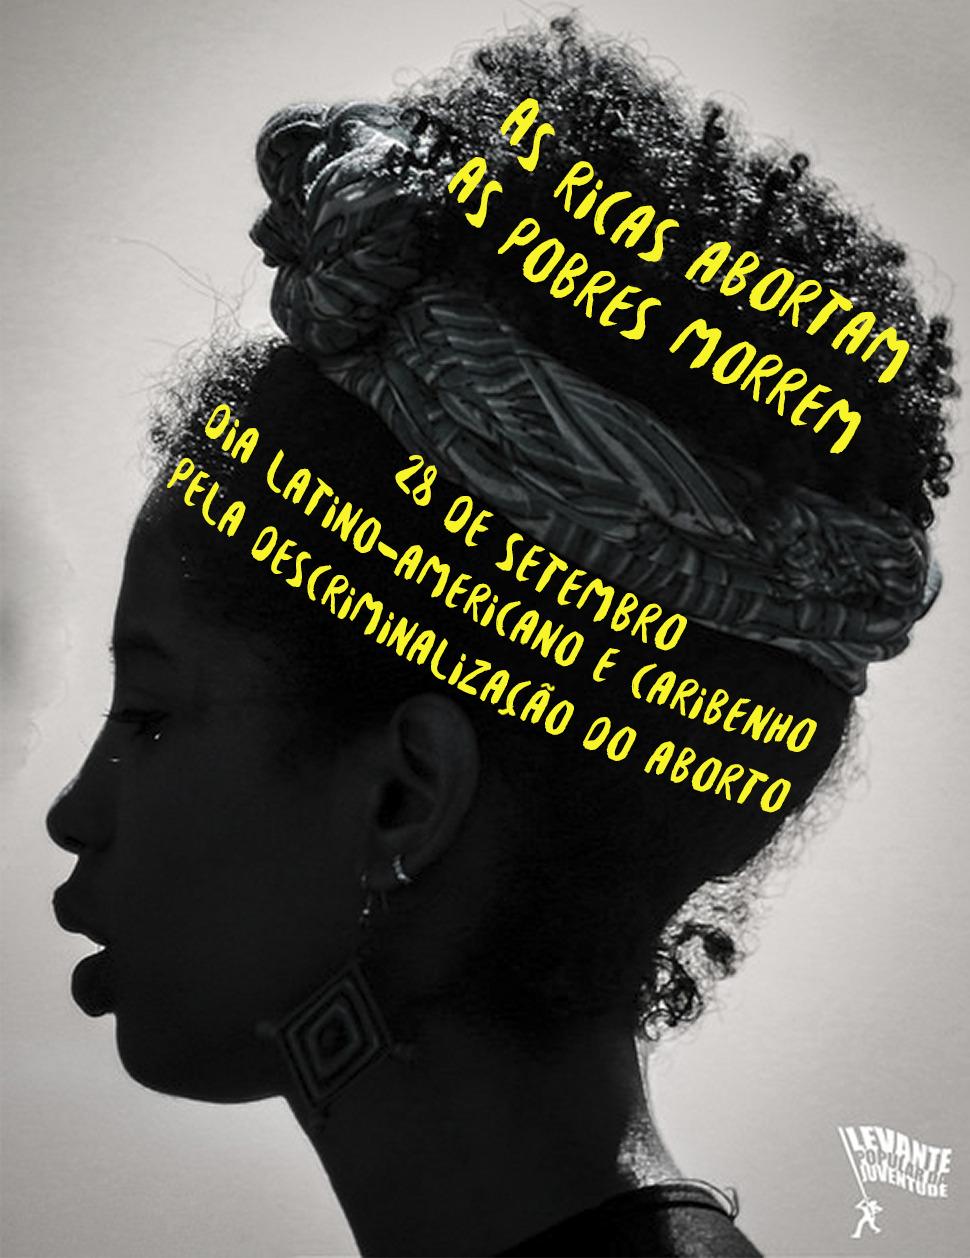 28 de Setembro: Dia Latino-Americano e Caribenho pela Legalização e Descriminalização do Aborto